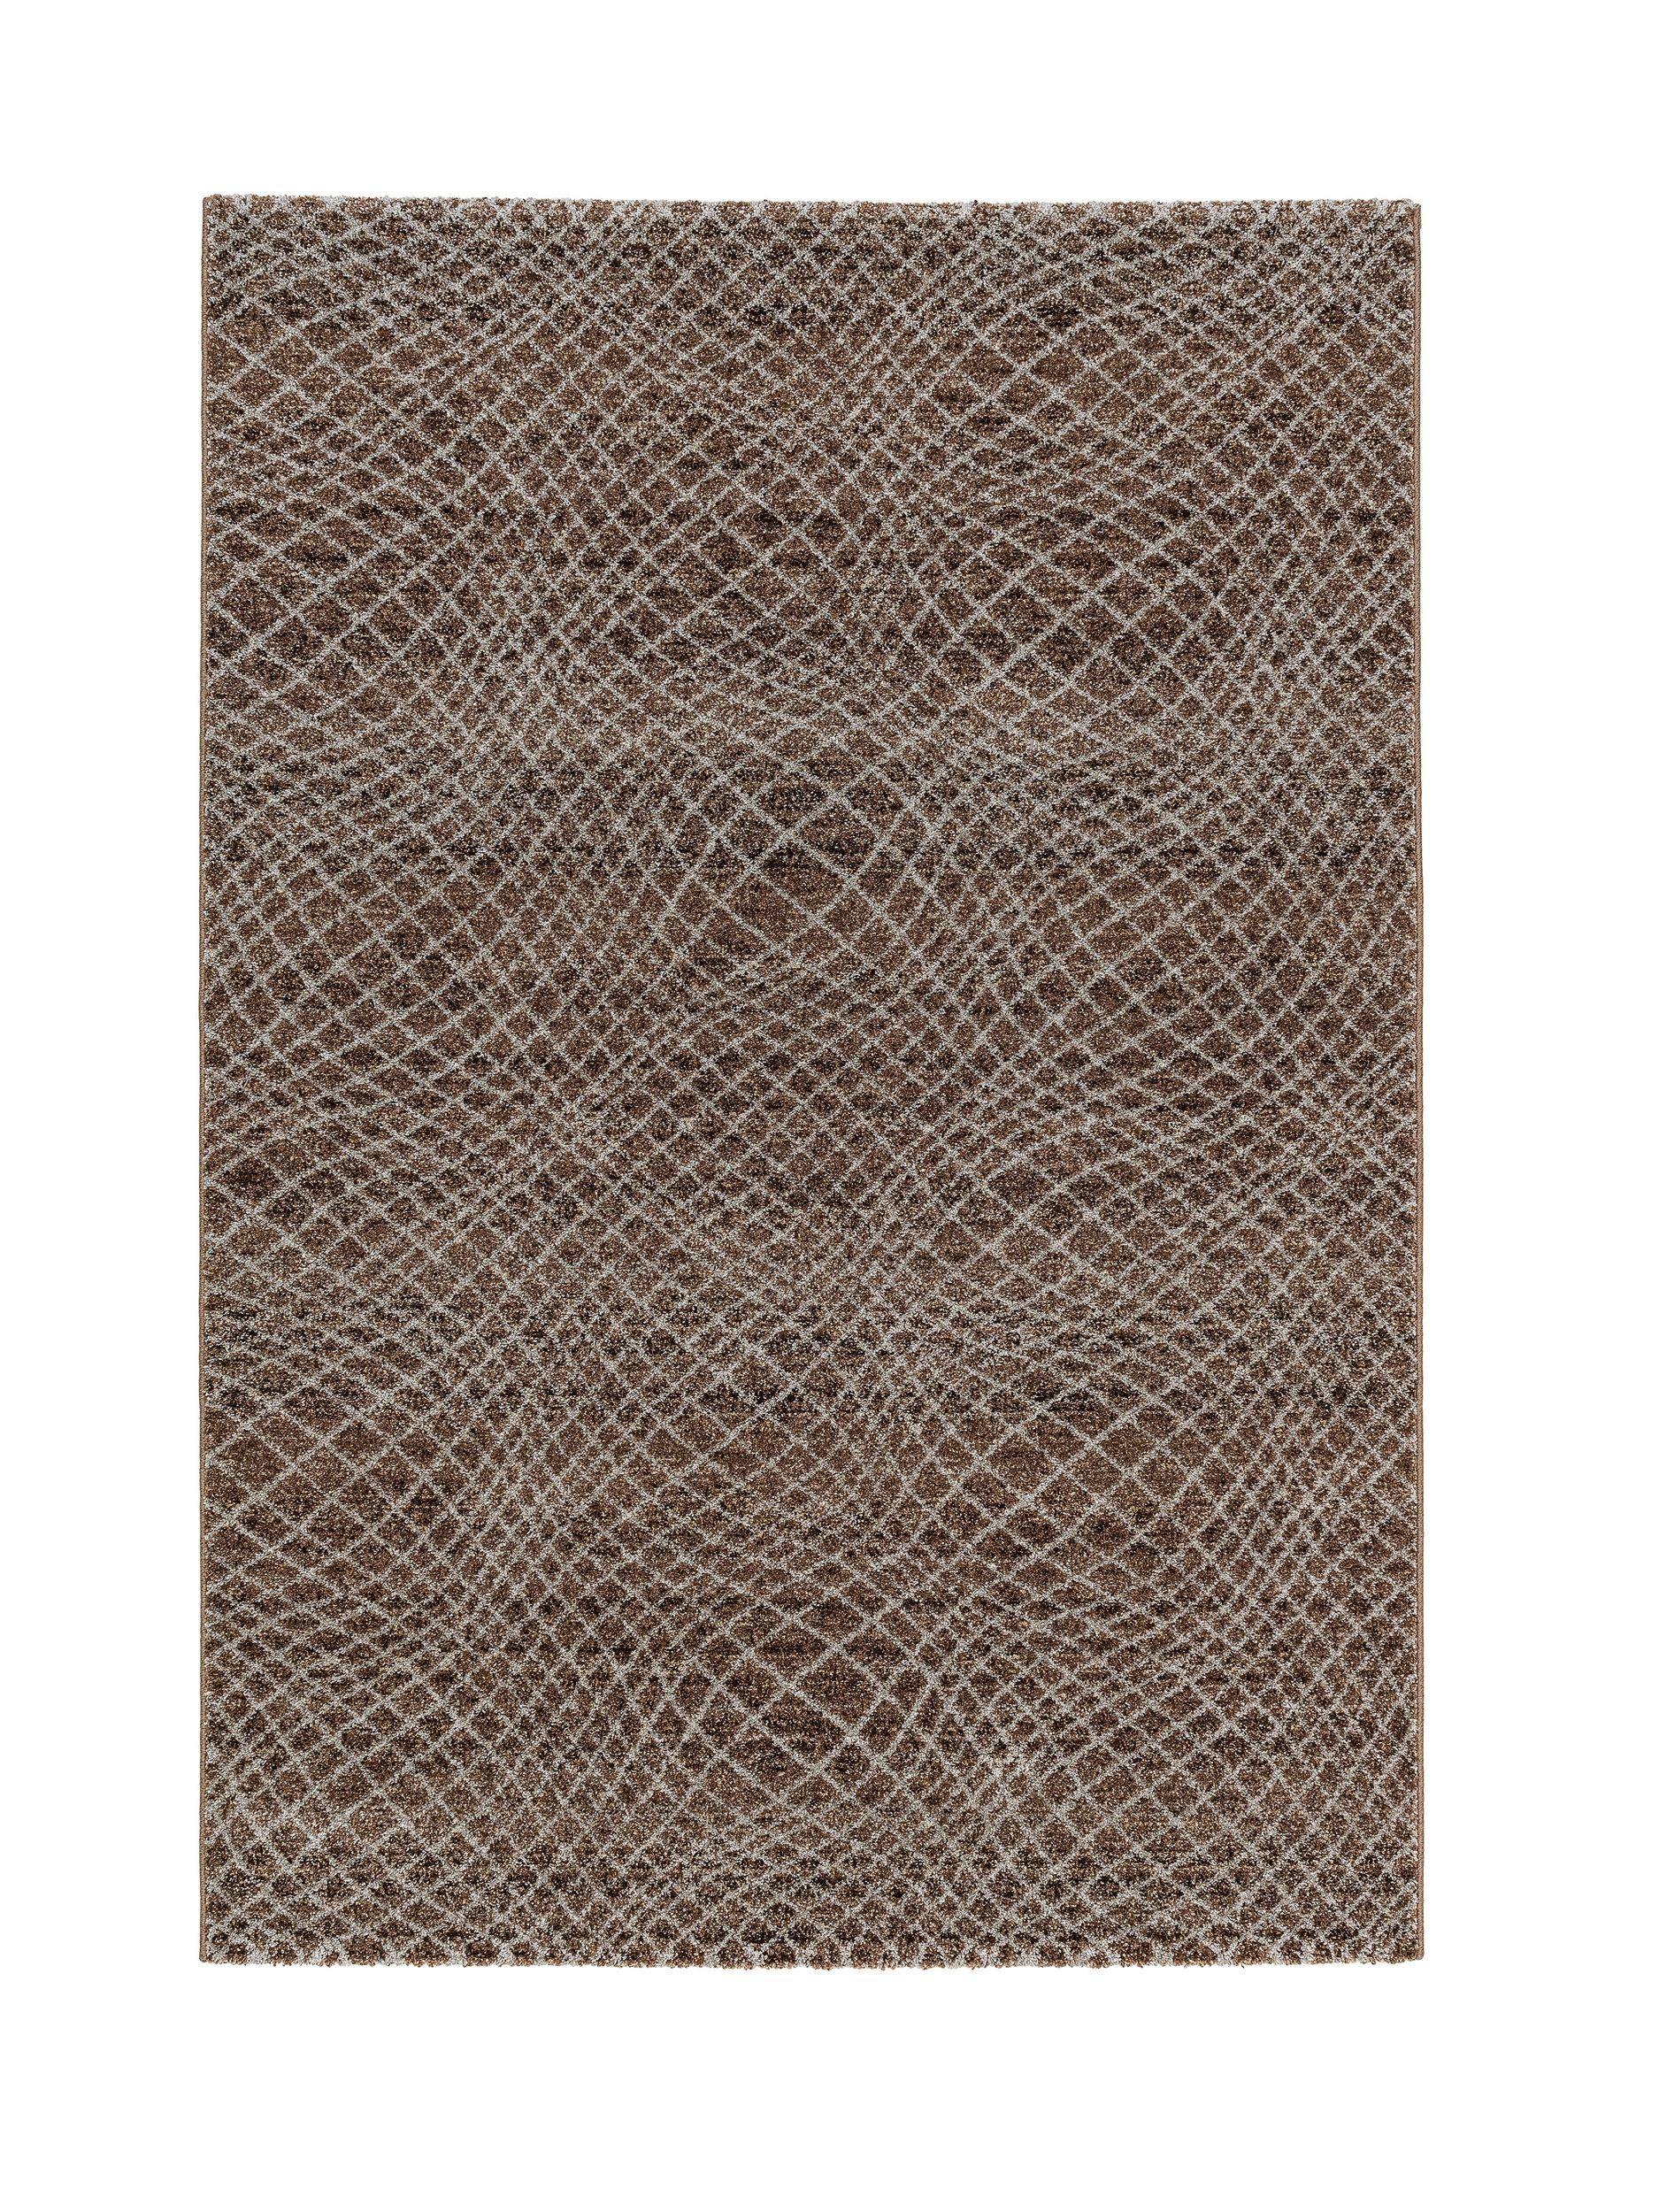 Teppich wm 133x190cm CARPI GITTER